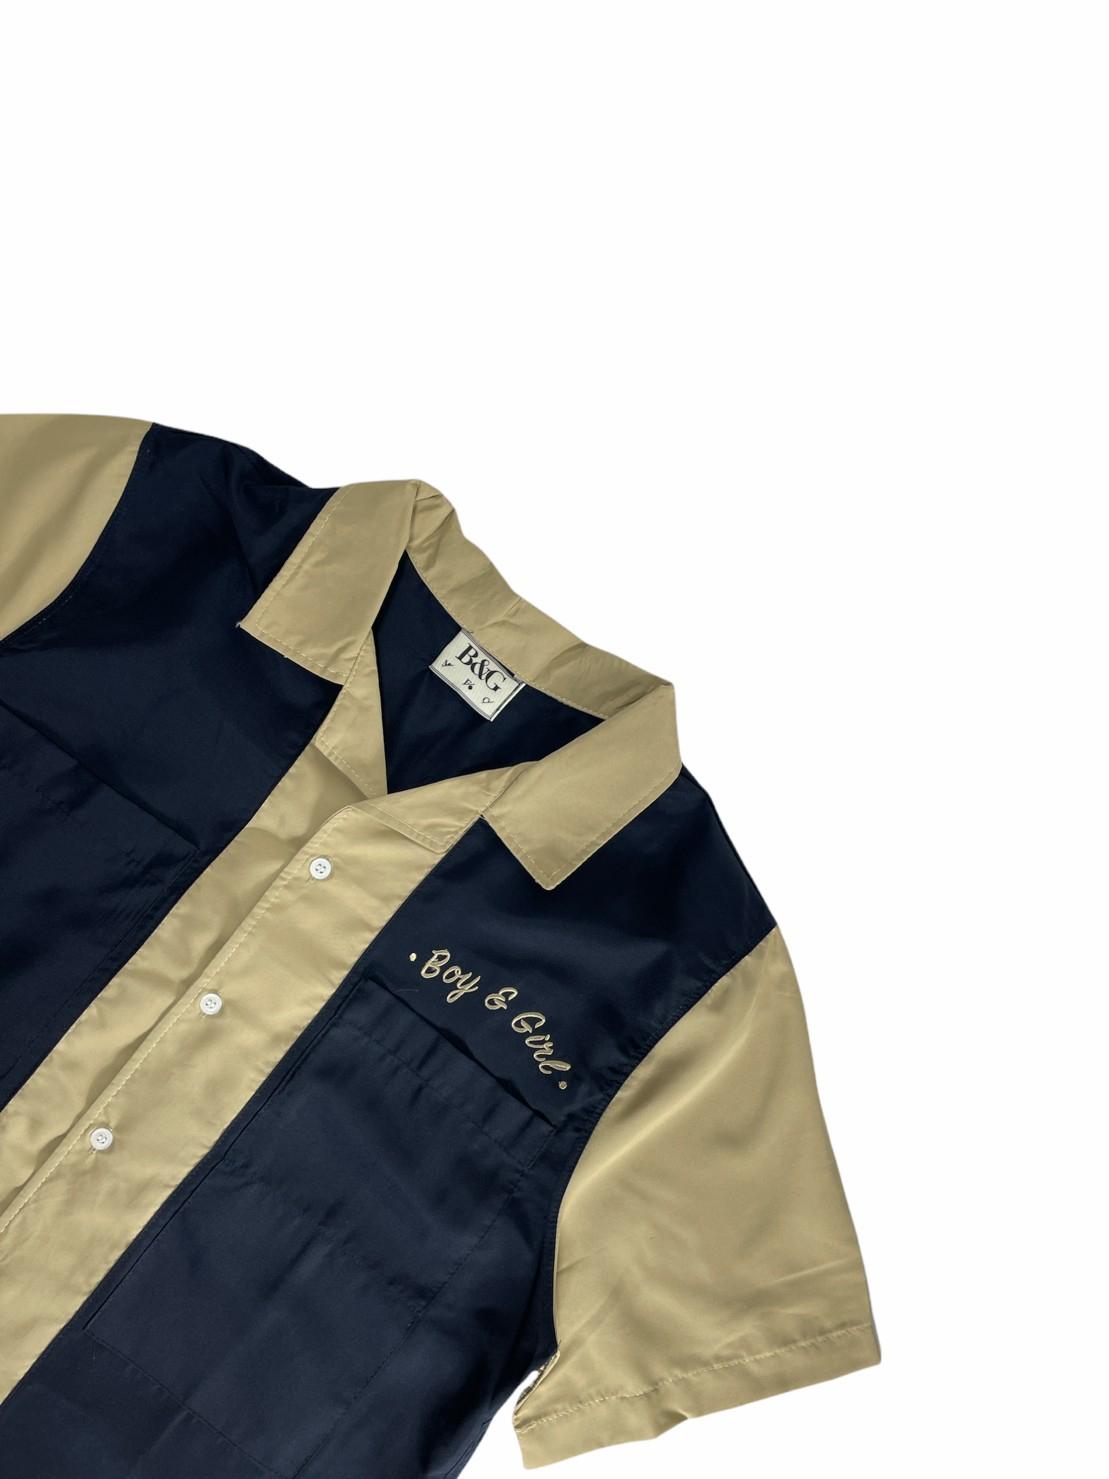 B & G Retro Shirt (Brown)